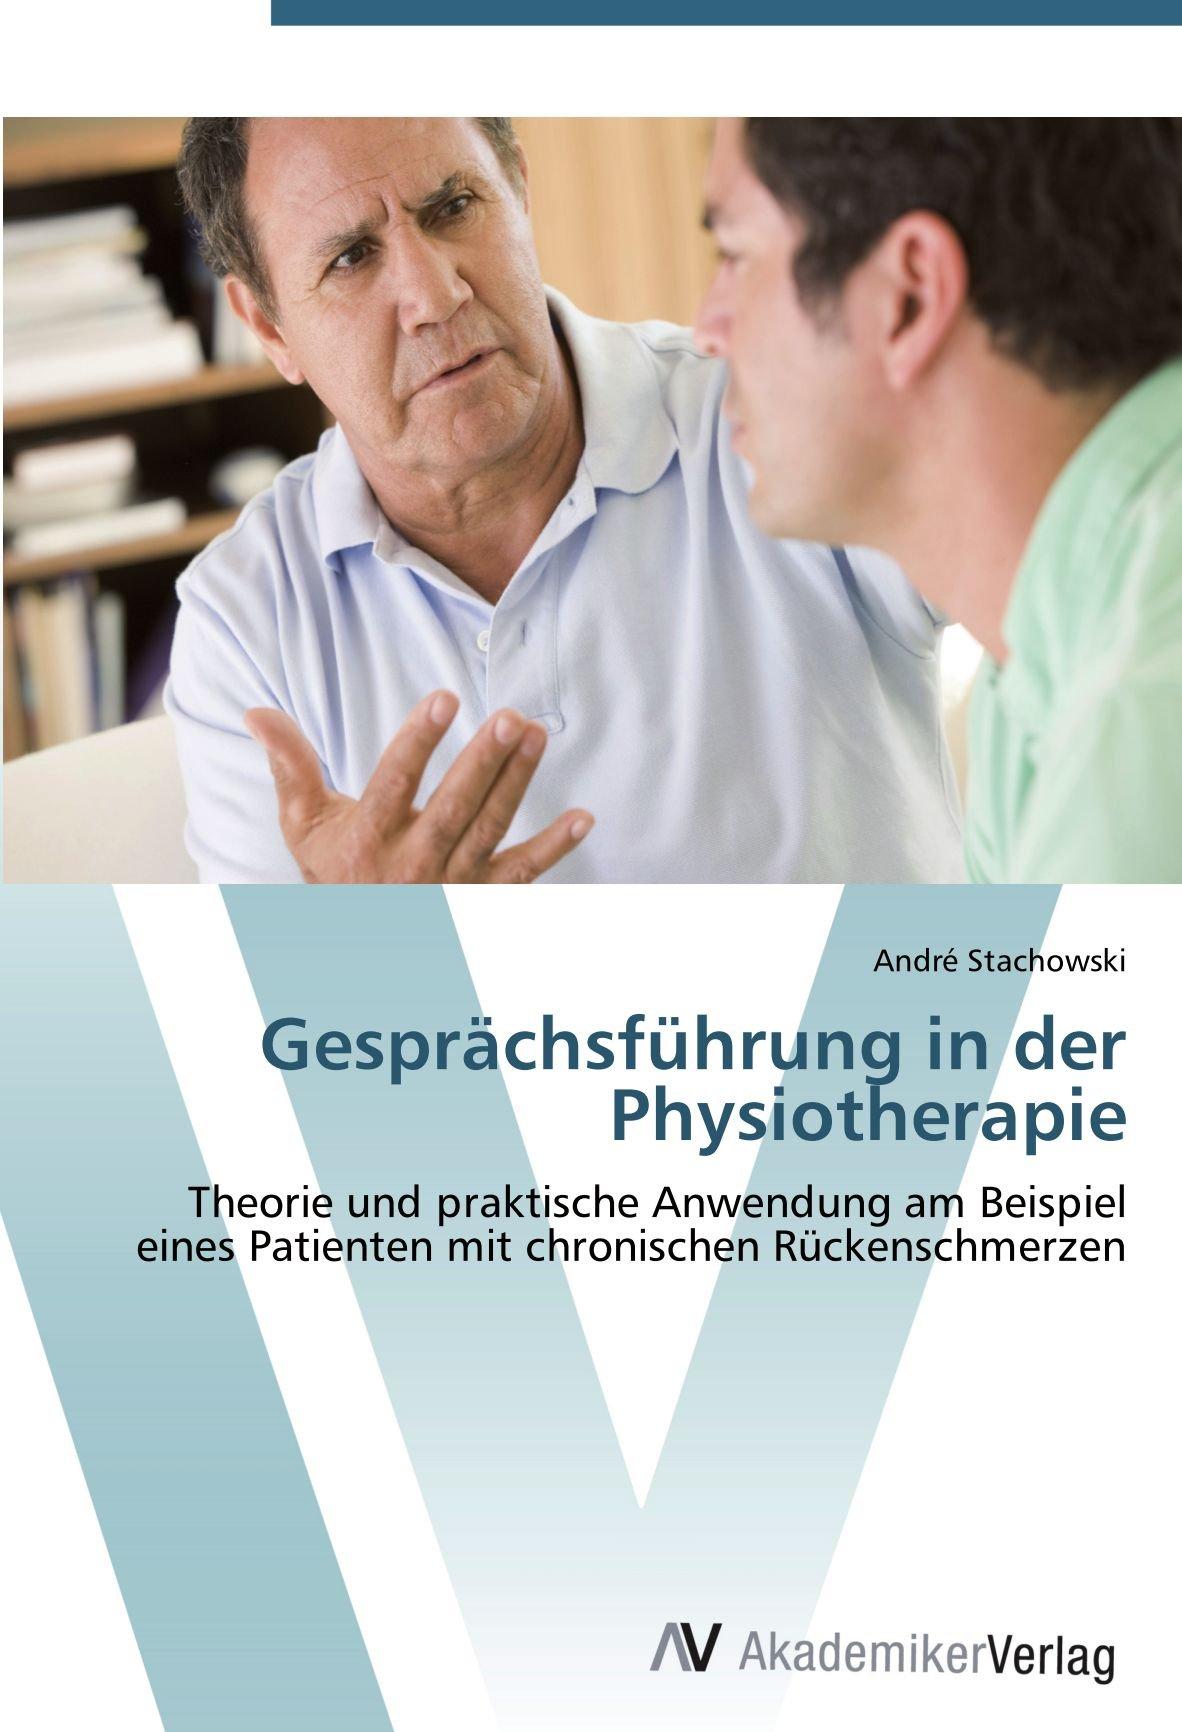 Gesprächsführung in der Physiotherapie: Theorie und praktische Anwendung am Beispiel eines Patienten mit chronischen Rückenschmerzen